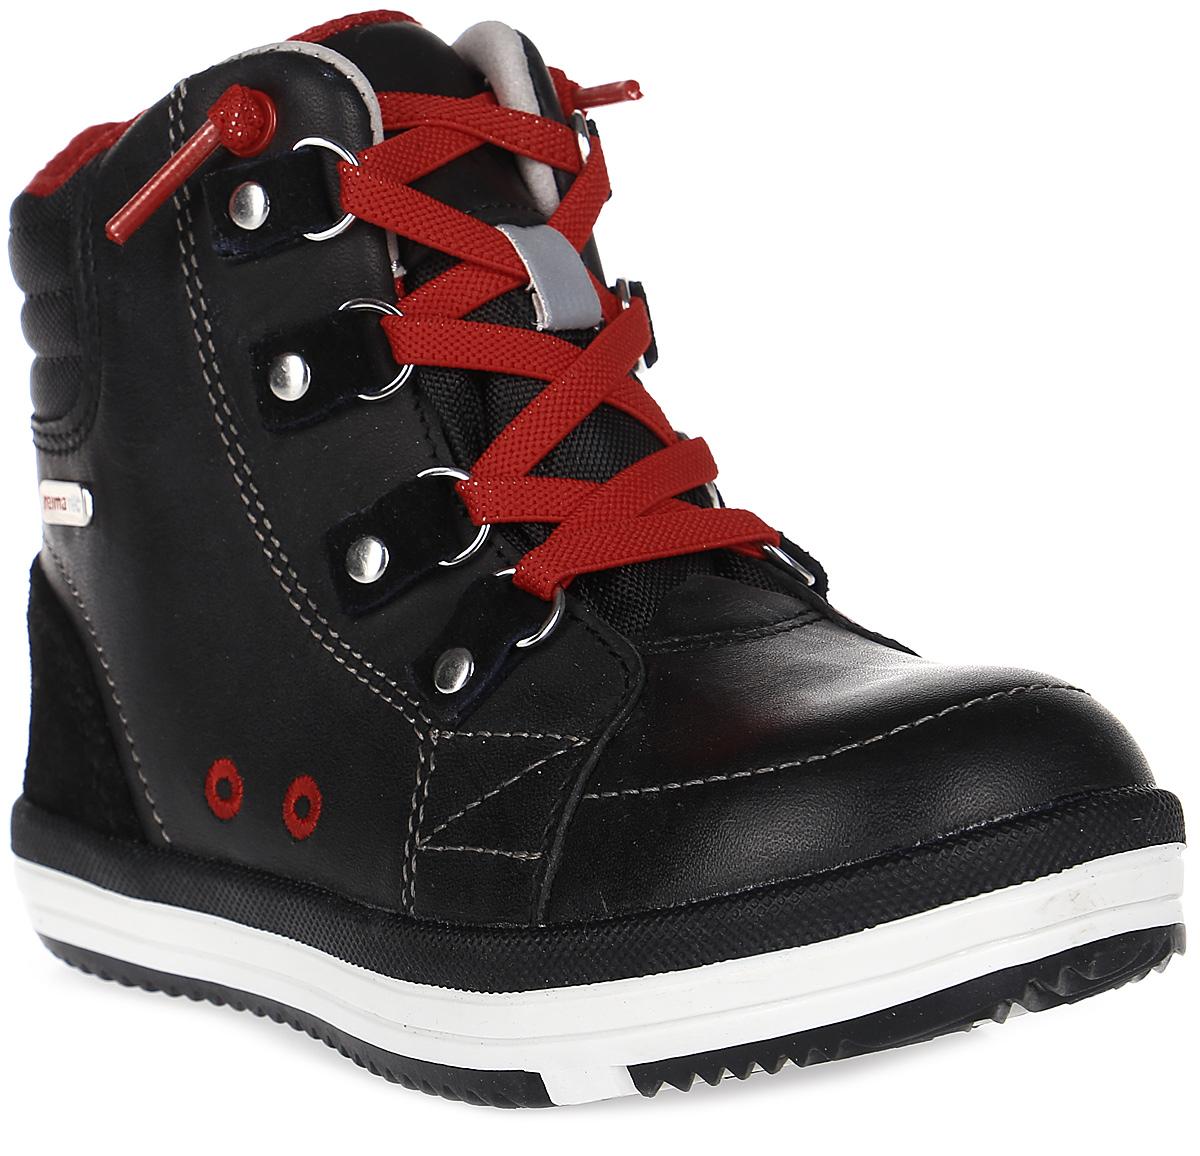 Ботинки детские Reima Weather, цвет: черный. 5693189990. Размер 375693189990Теплые и непромокаемые детские ботинки изготовлены из стильной кожи и текстиля. Водонепроницаемая мембрана и текстильная подкладка согреют ножки и защитят их от влаги. Вы легко выберите нужный размер с помощью съемных стелек с рисунком Happy Fit.Благодаря эластичным шнуркам эти стильные ботинки легко и быстро надеваются! Подошва из термопластичной резины Reima обеспечивает отличное сцепление с поверхностью.Удобные и дышащие демисезонные ботинки, которые подойдут и для игр во дворе, и для прогулки в парке или по городу!